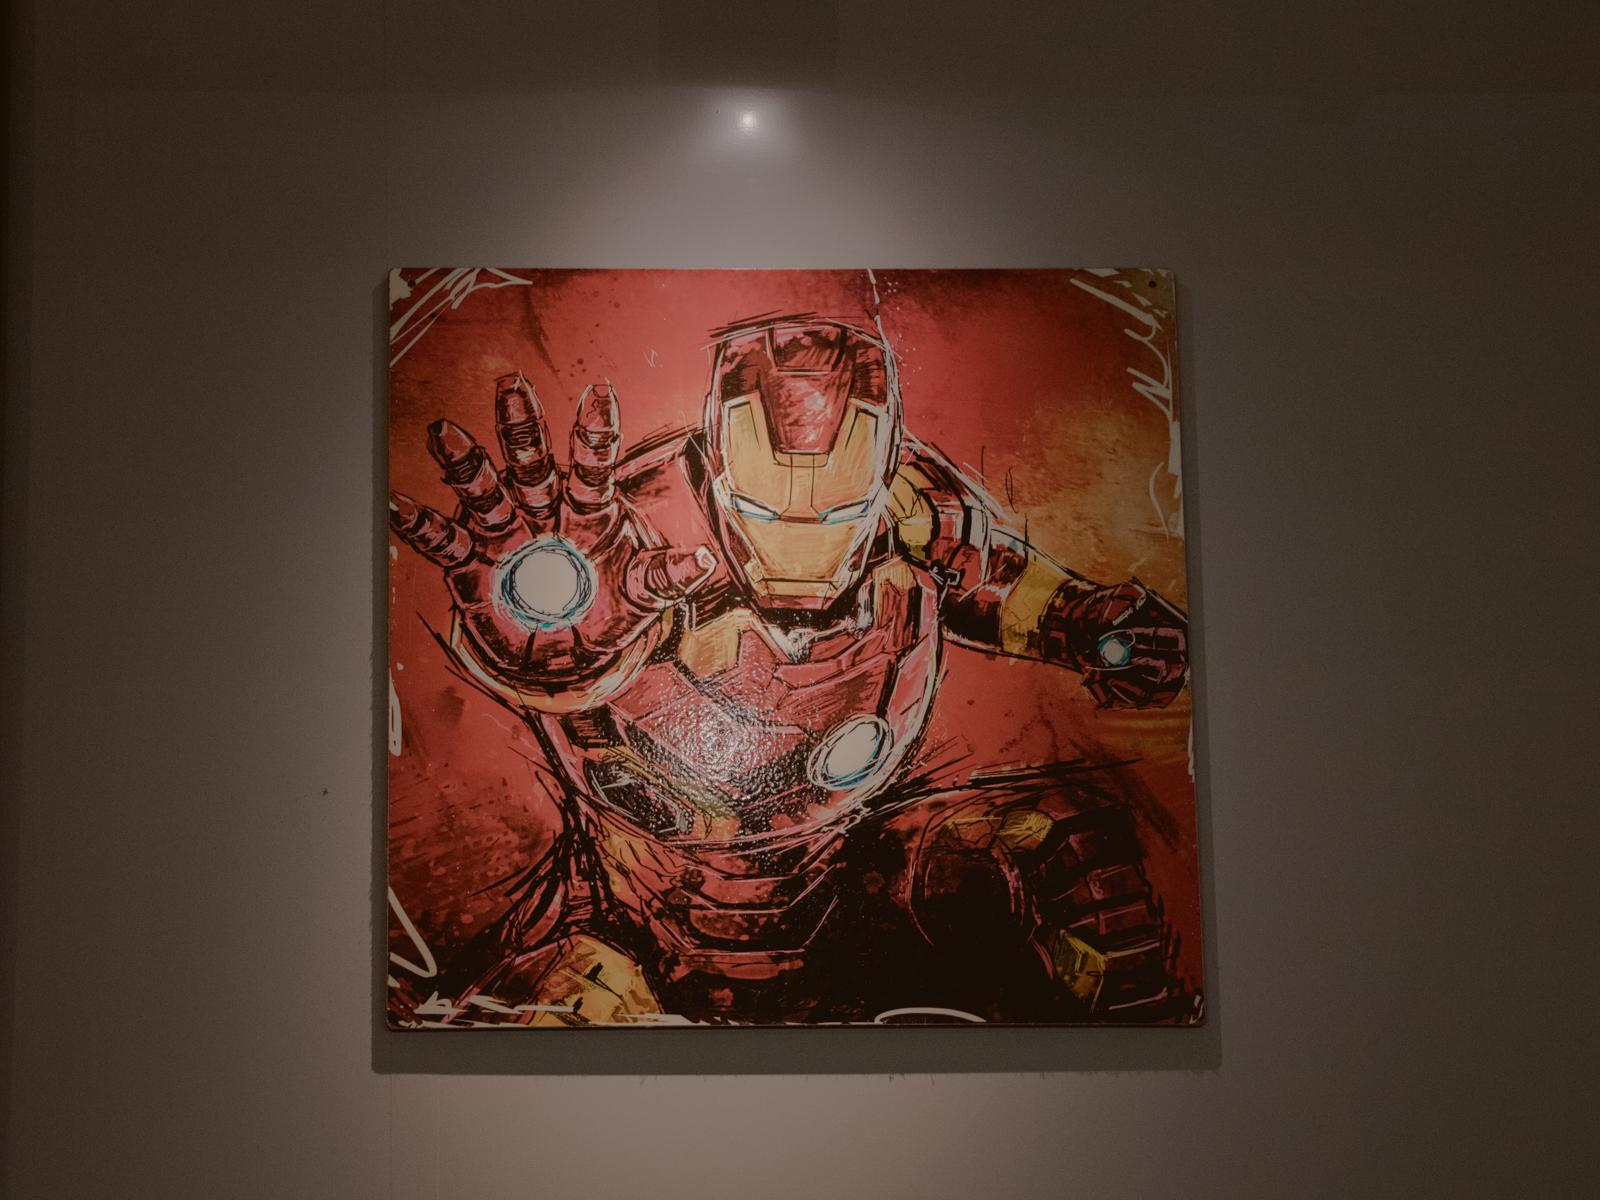 quadro homem de ferro